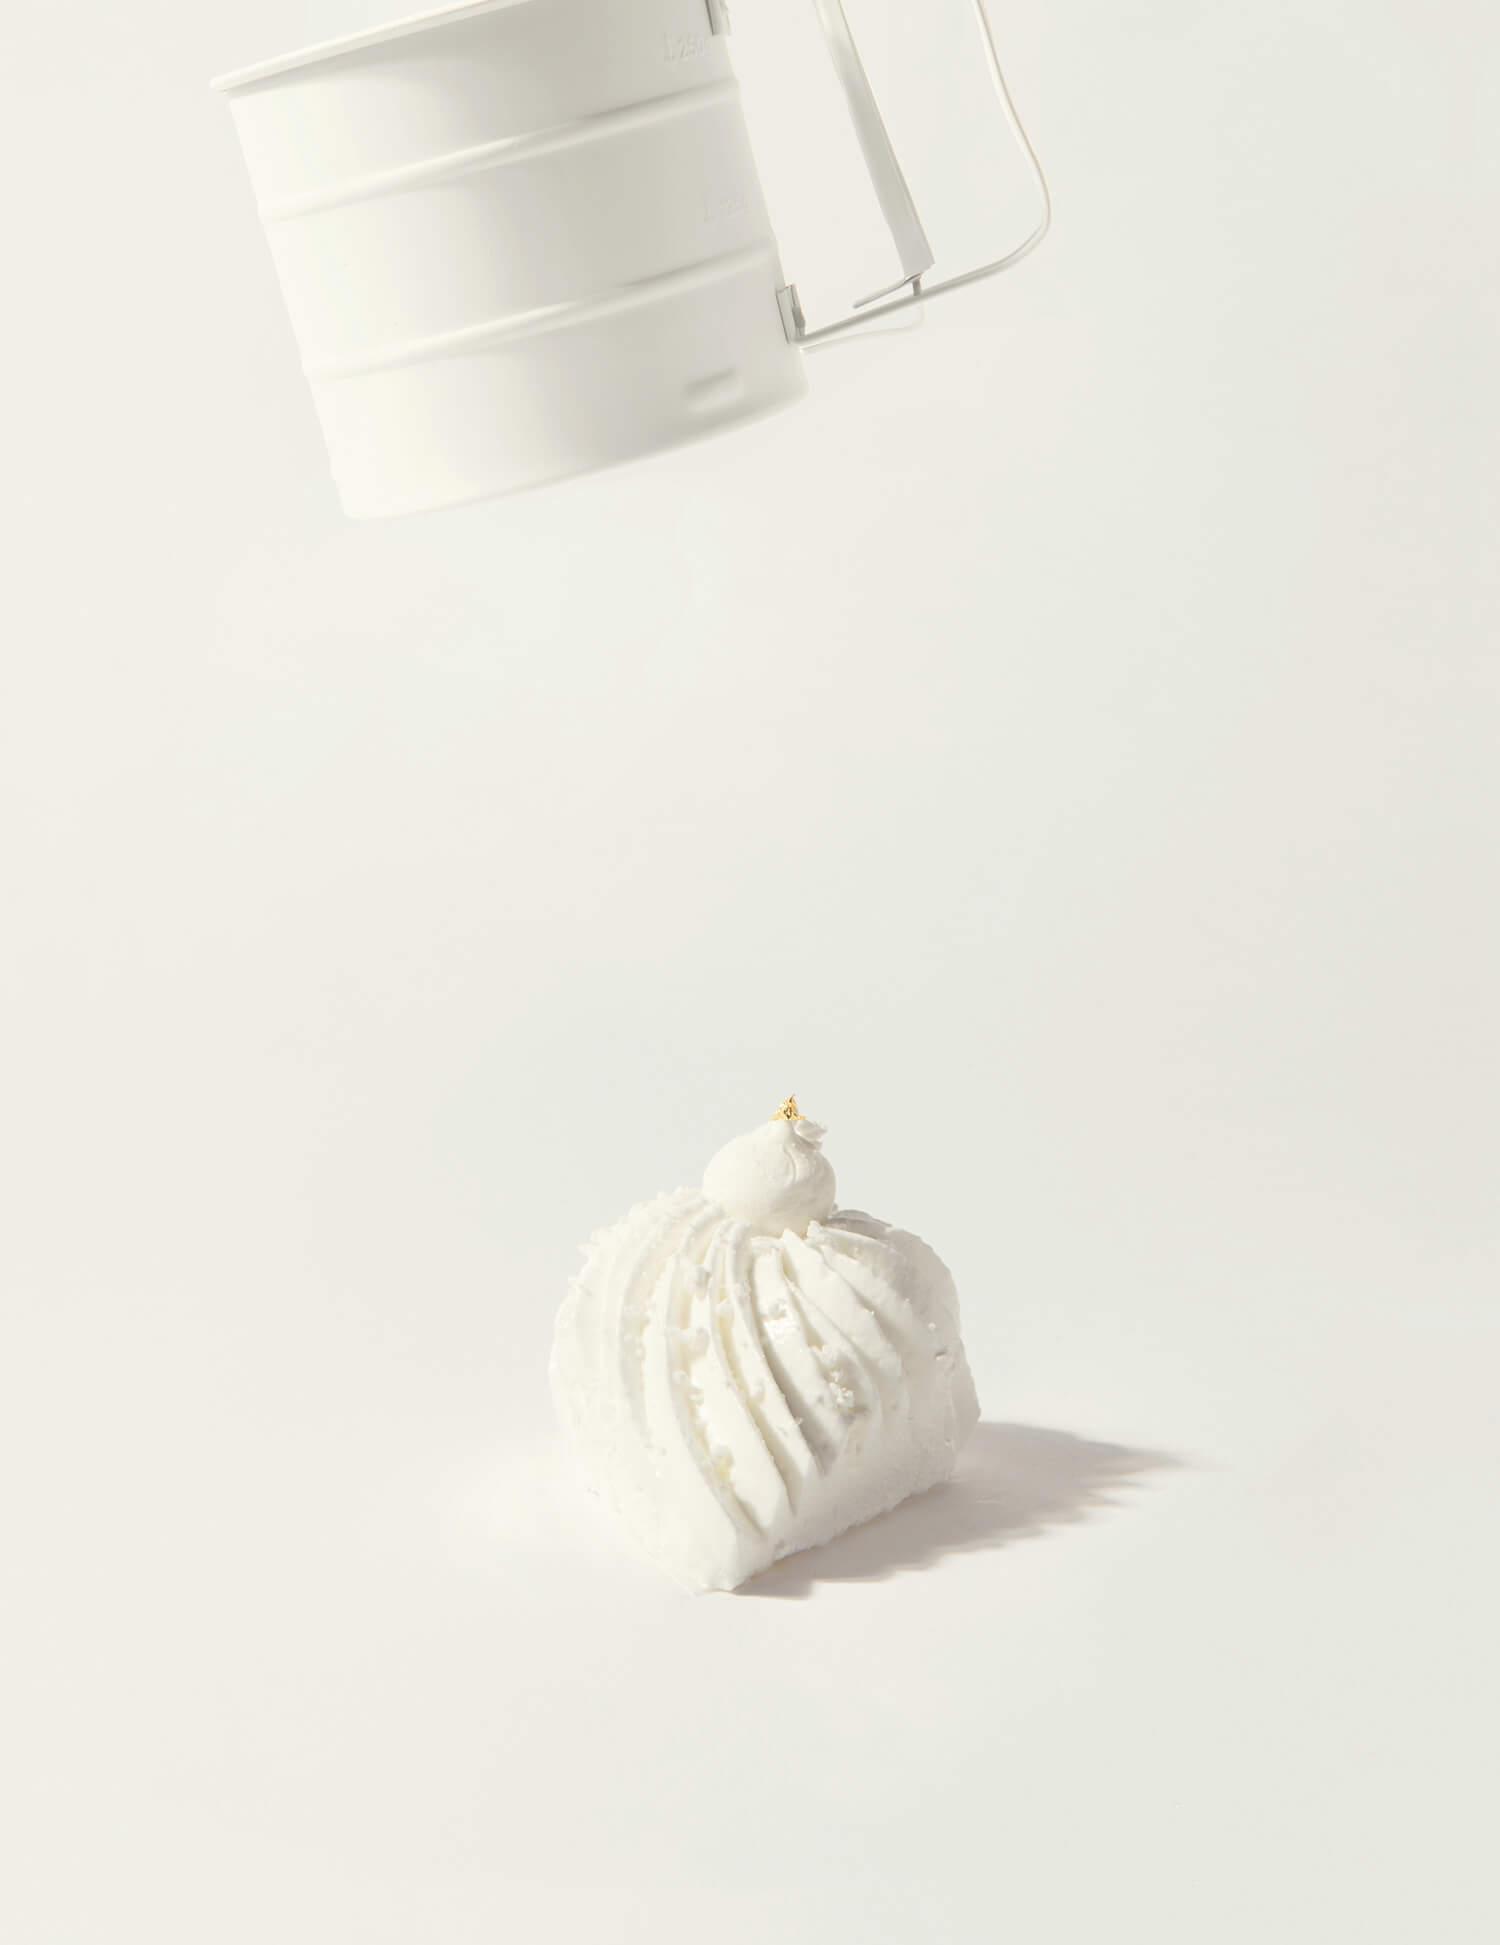 Pour le livret la creme de la creme, ichetkar s'occupe de la direction artistique photo